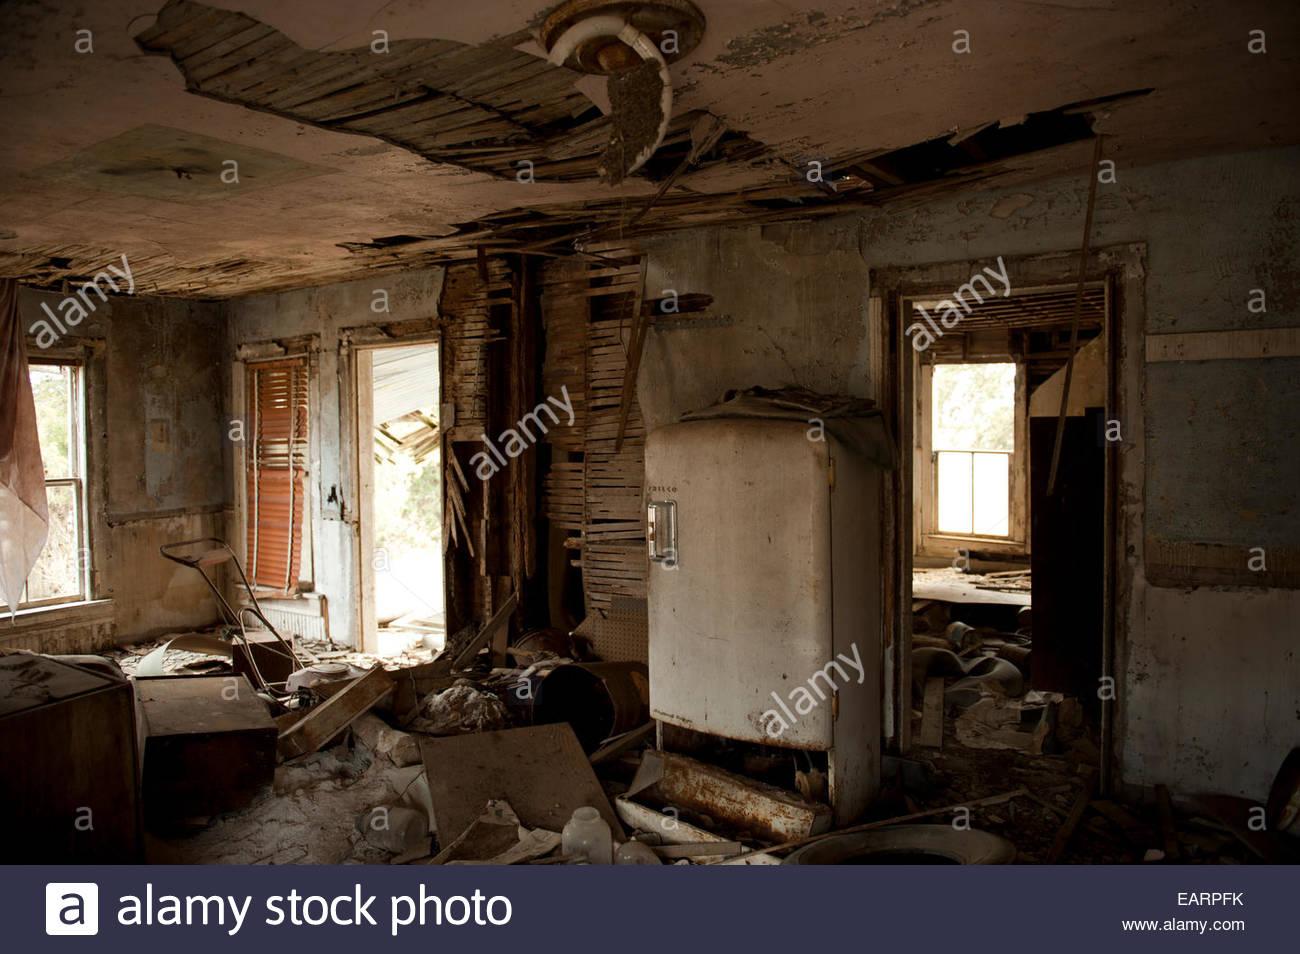 Junk-e-füllt einem verlassenen Bauernhaus. Stockbild